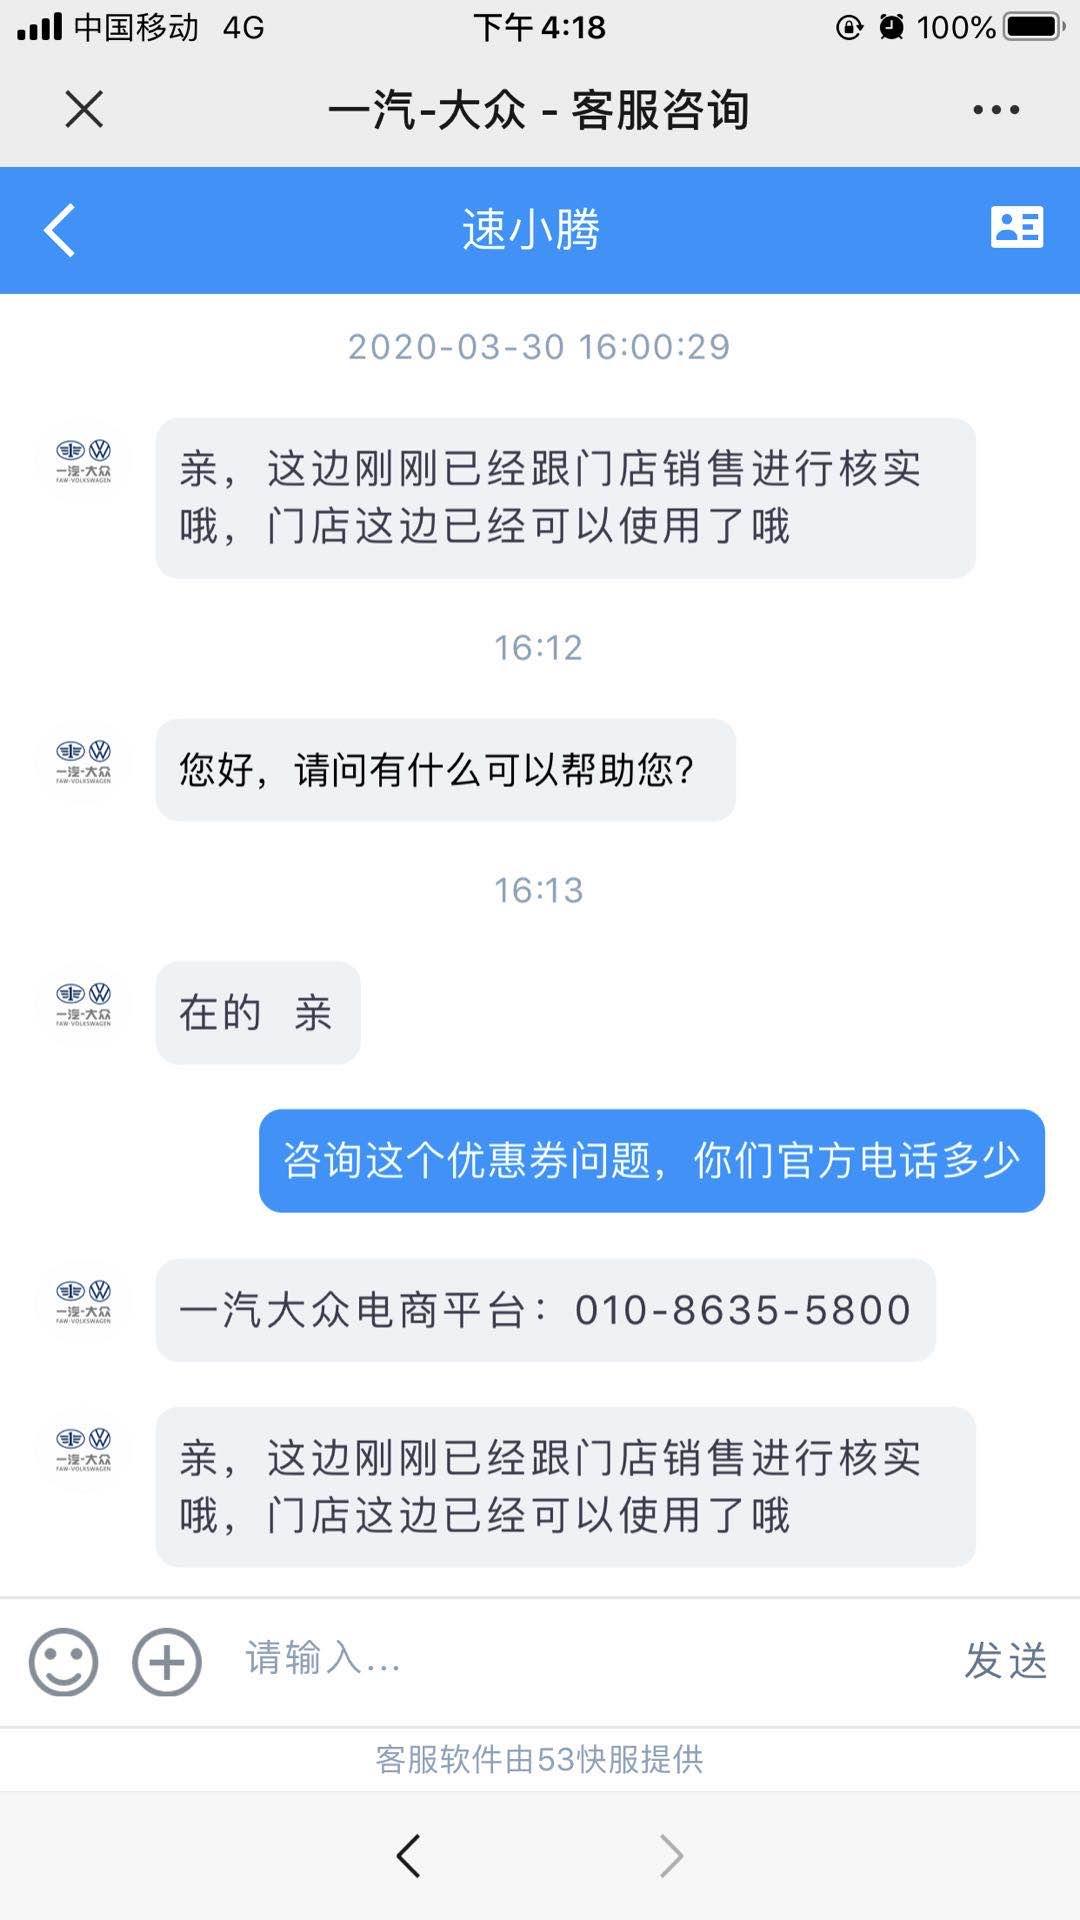 一汽大众深圳昊天林固戍店不按承诺退还客户款项,无视所有投诉